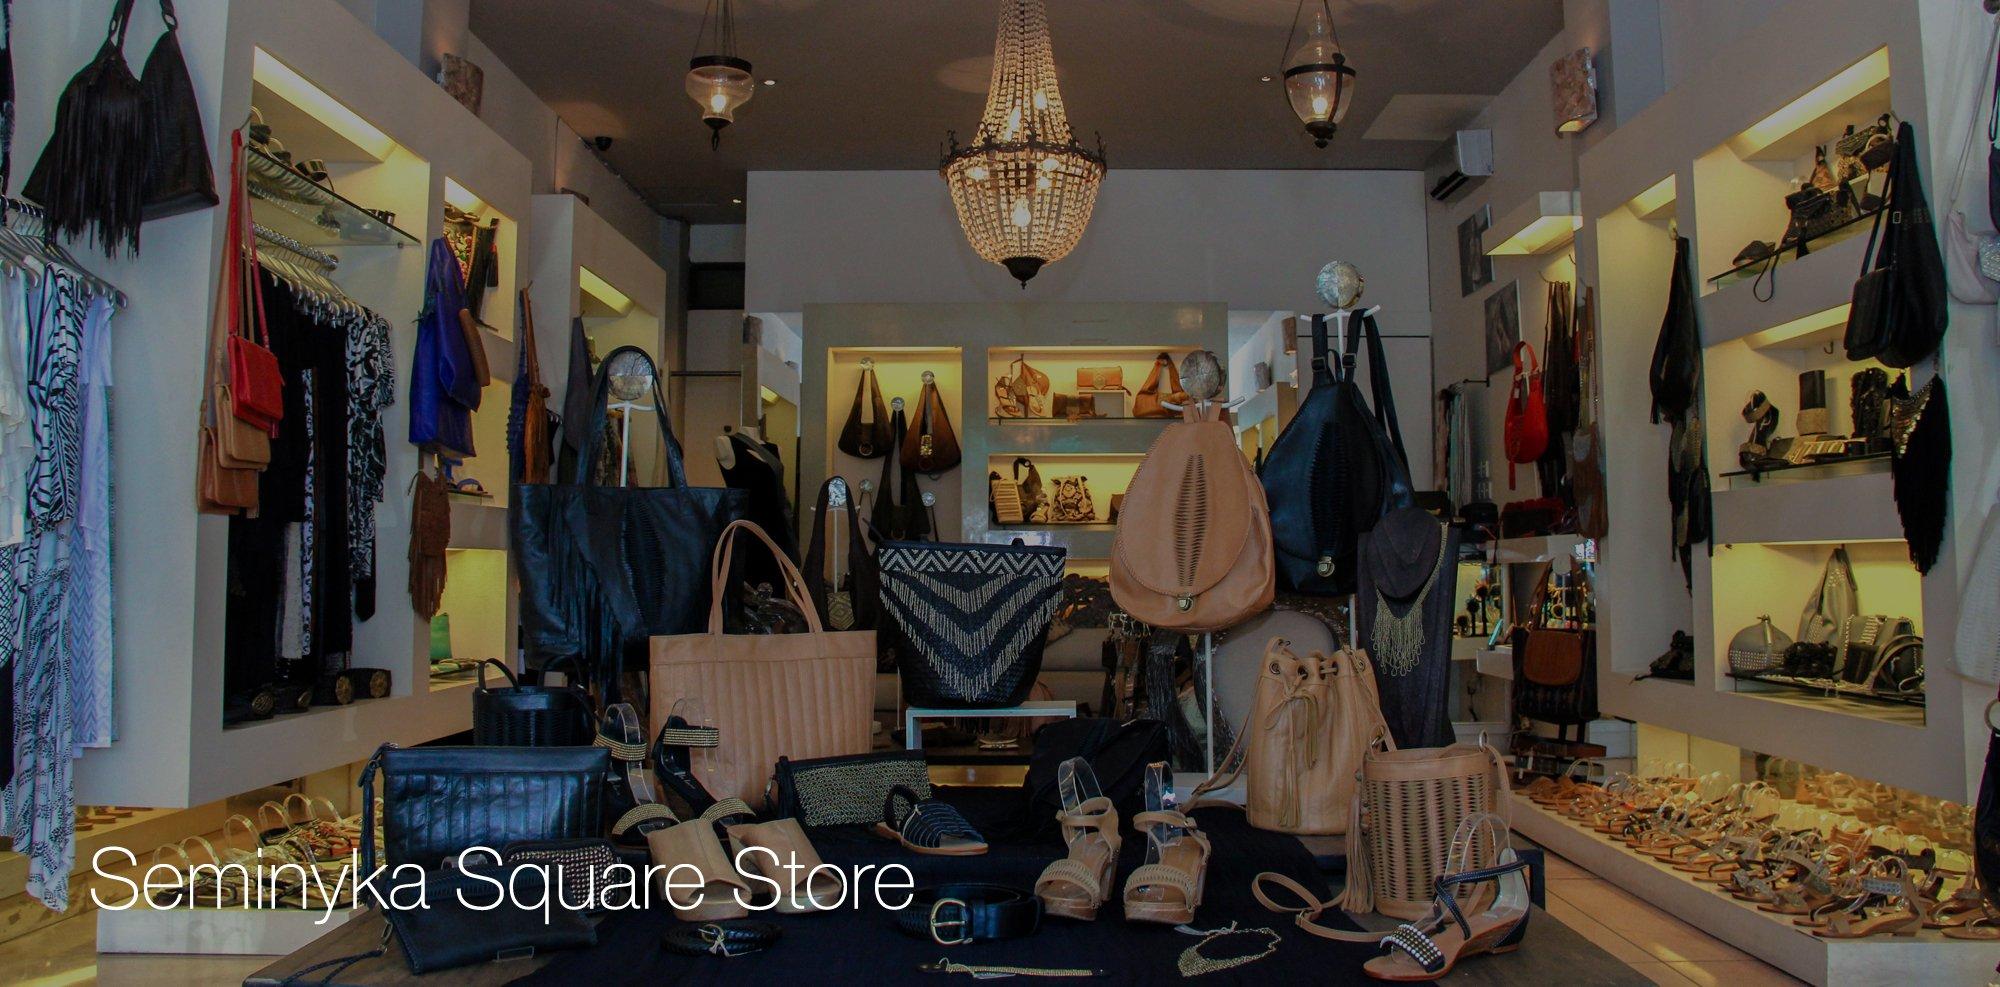 Lilla Lane Seminyak Square Store Seminyka Kab Badung